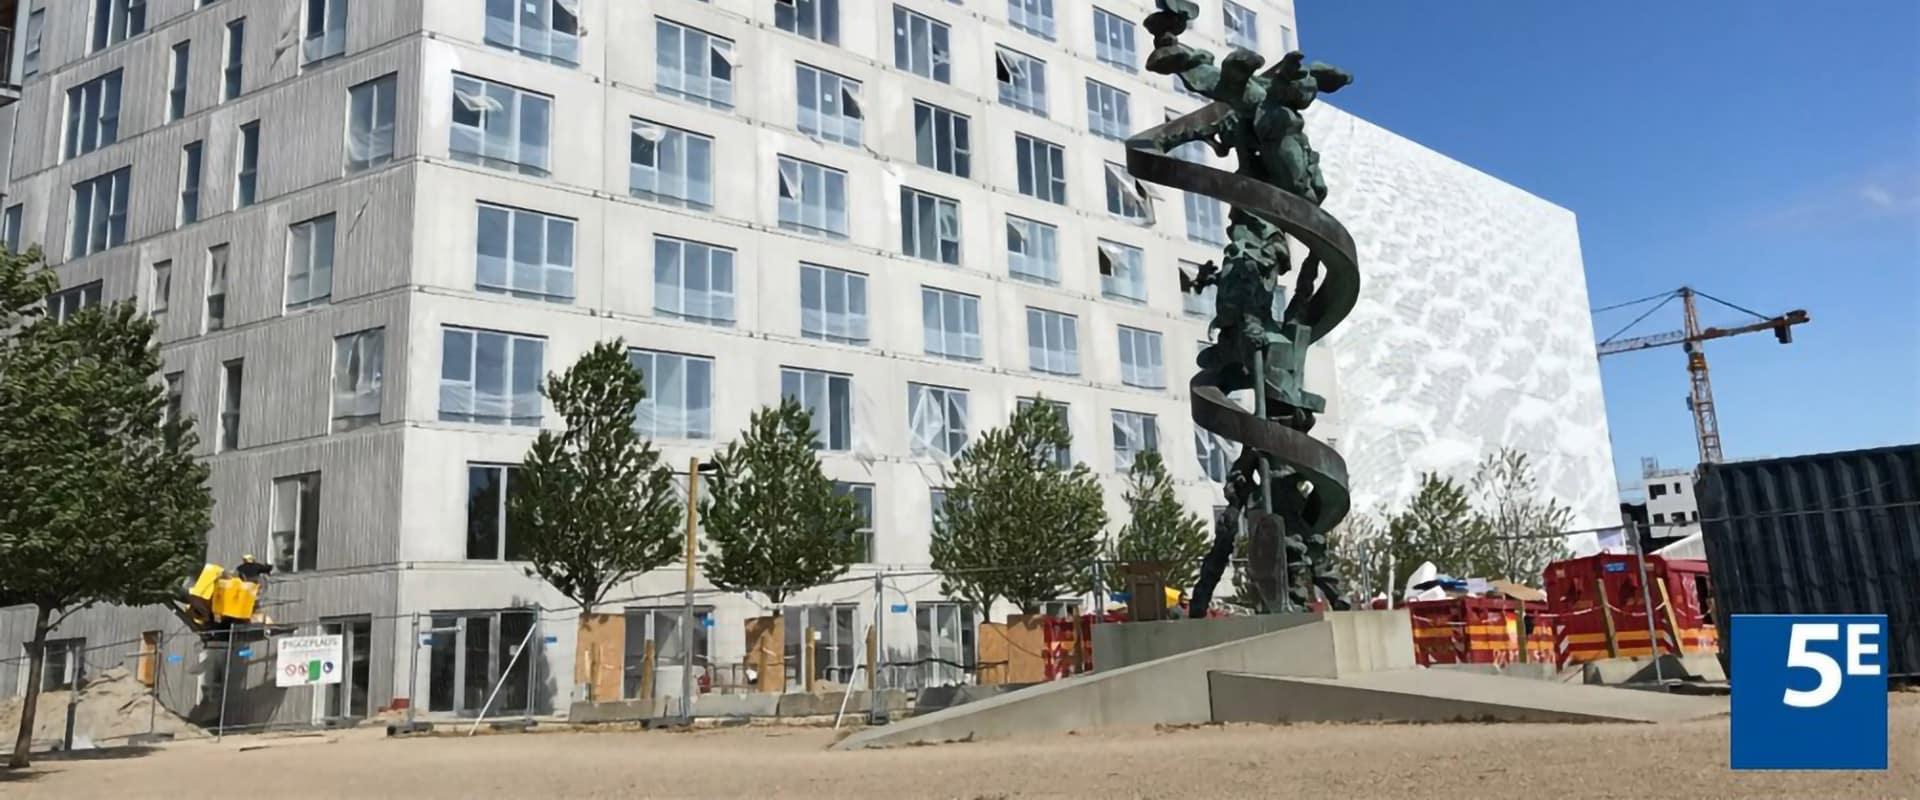 Byggeplads Ørestaden